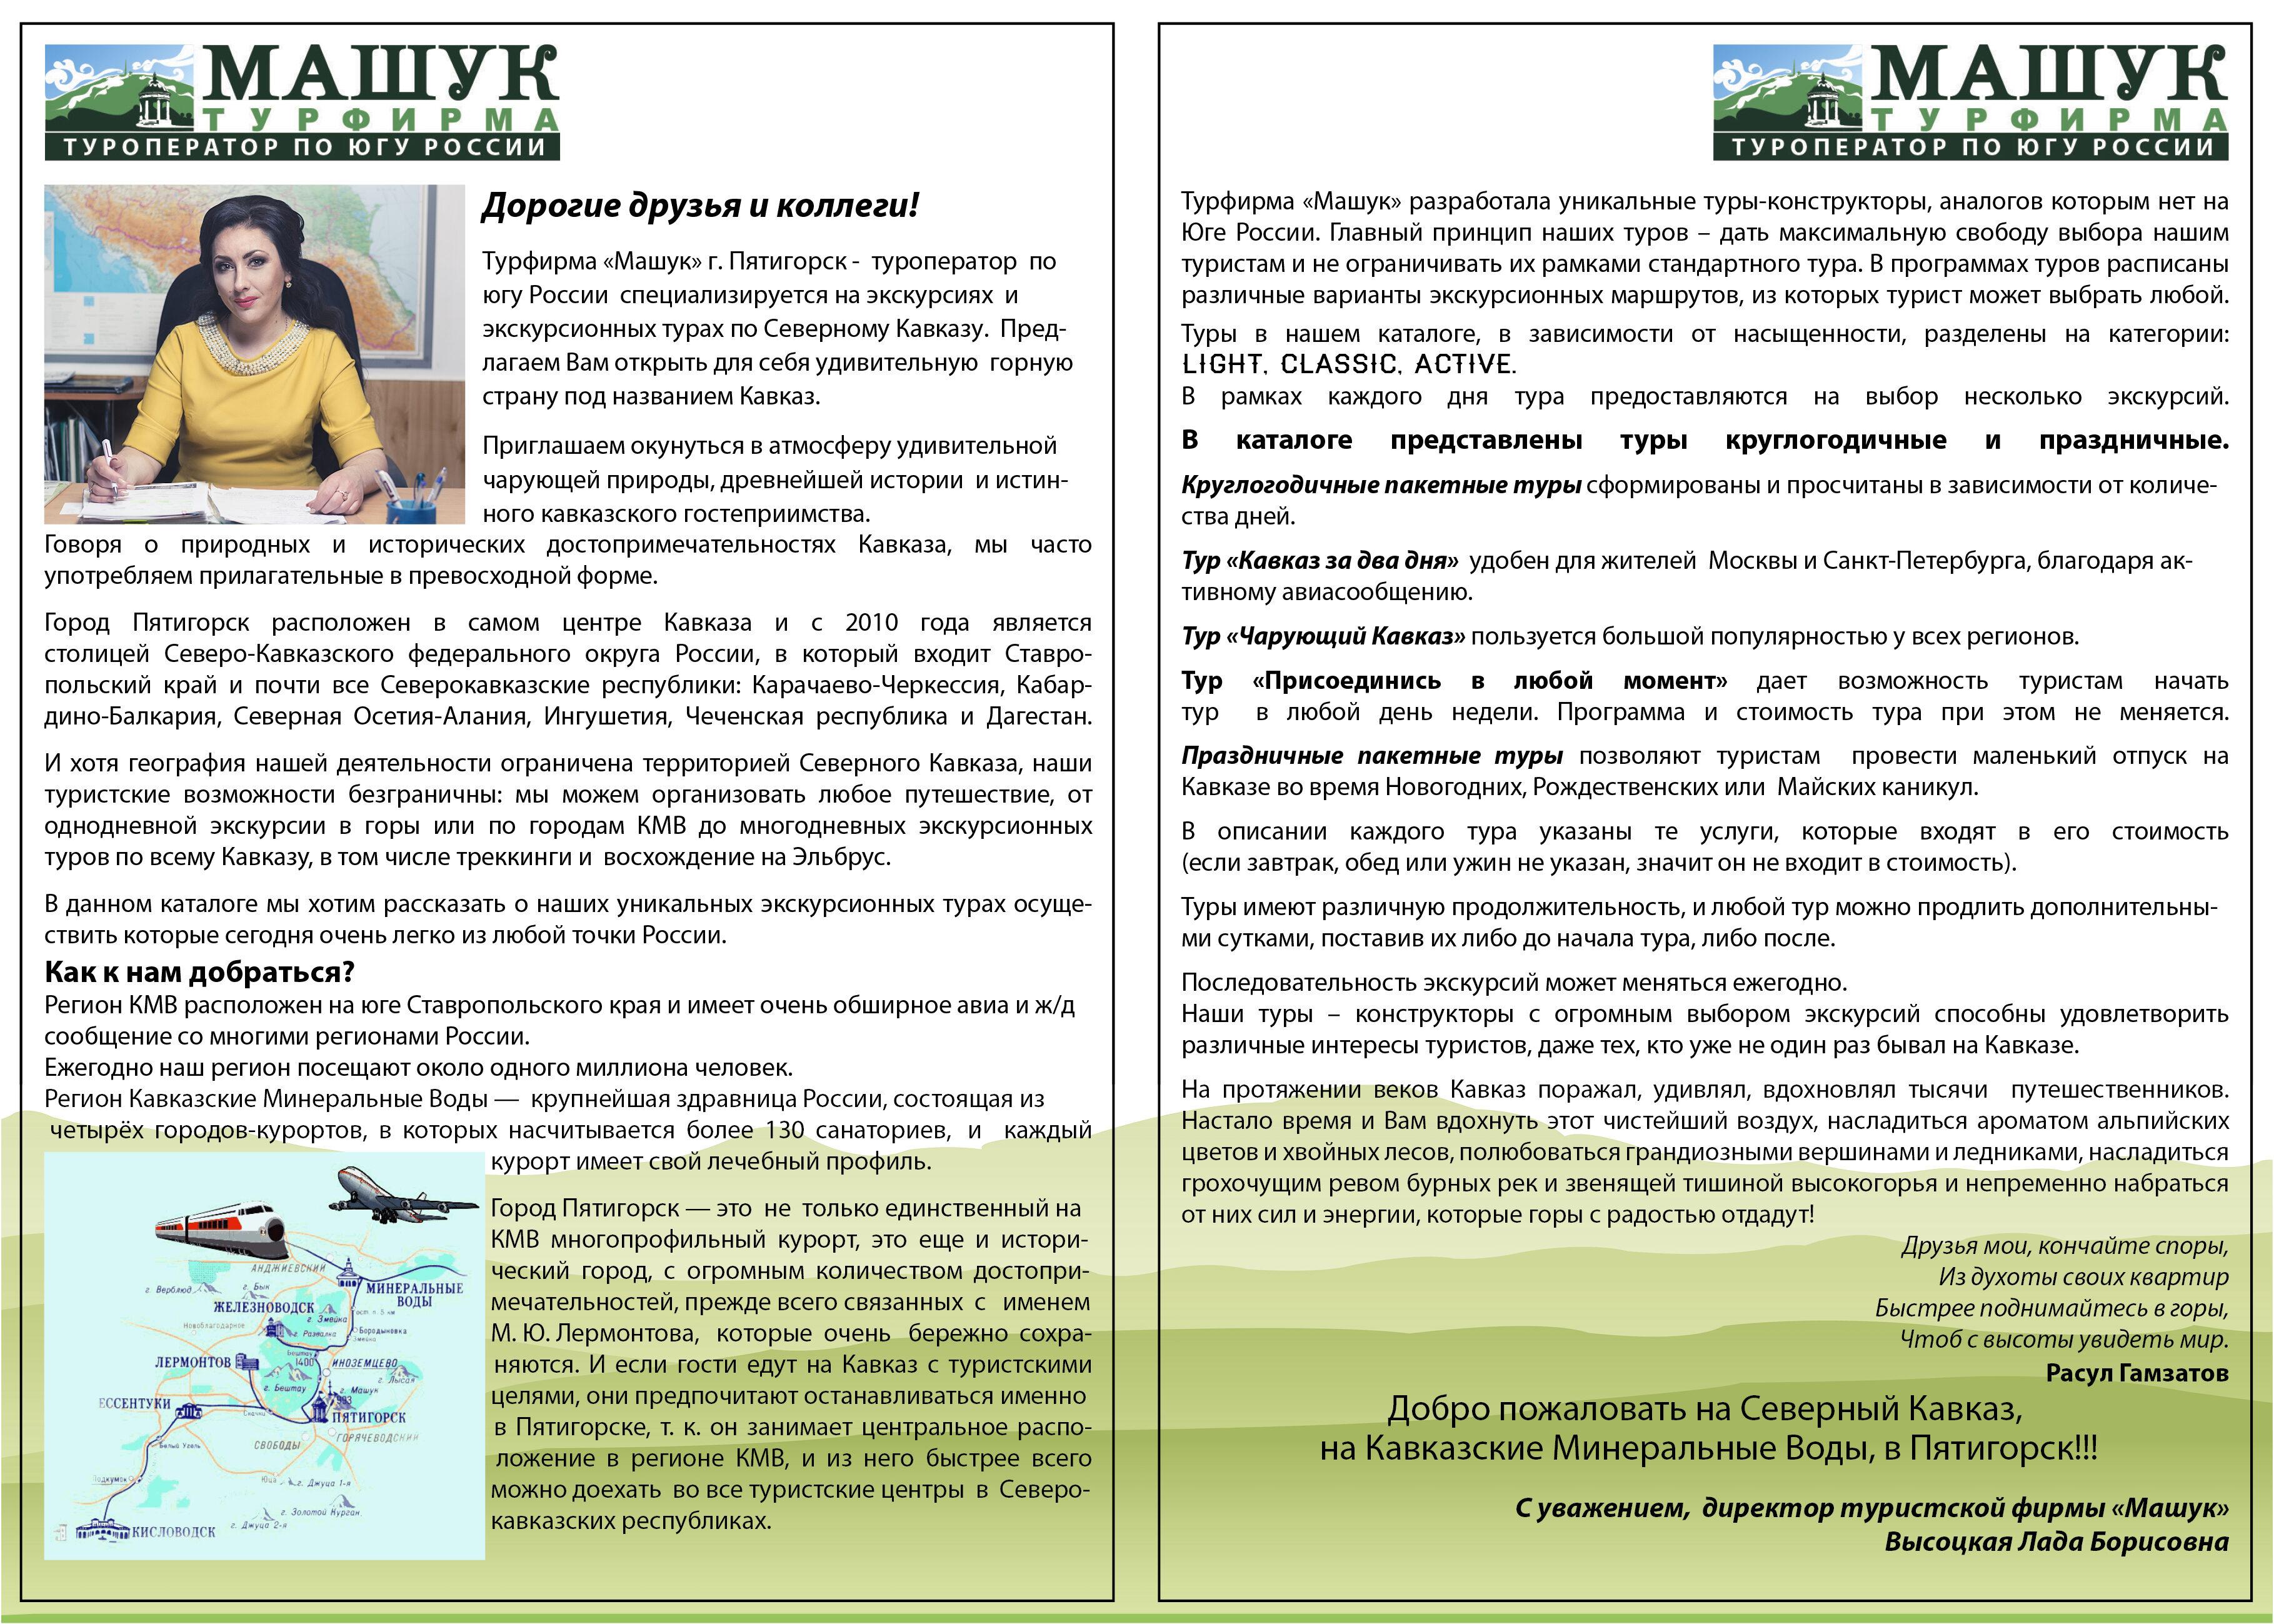 Туры по Кавказу, вступление